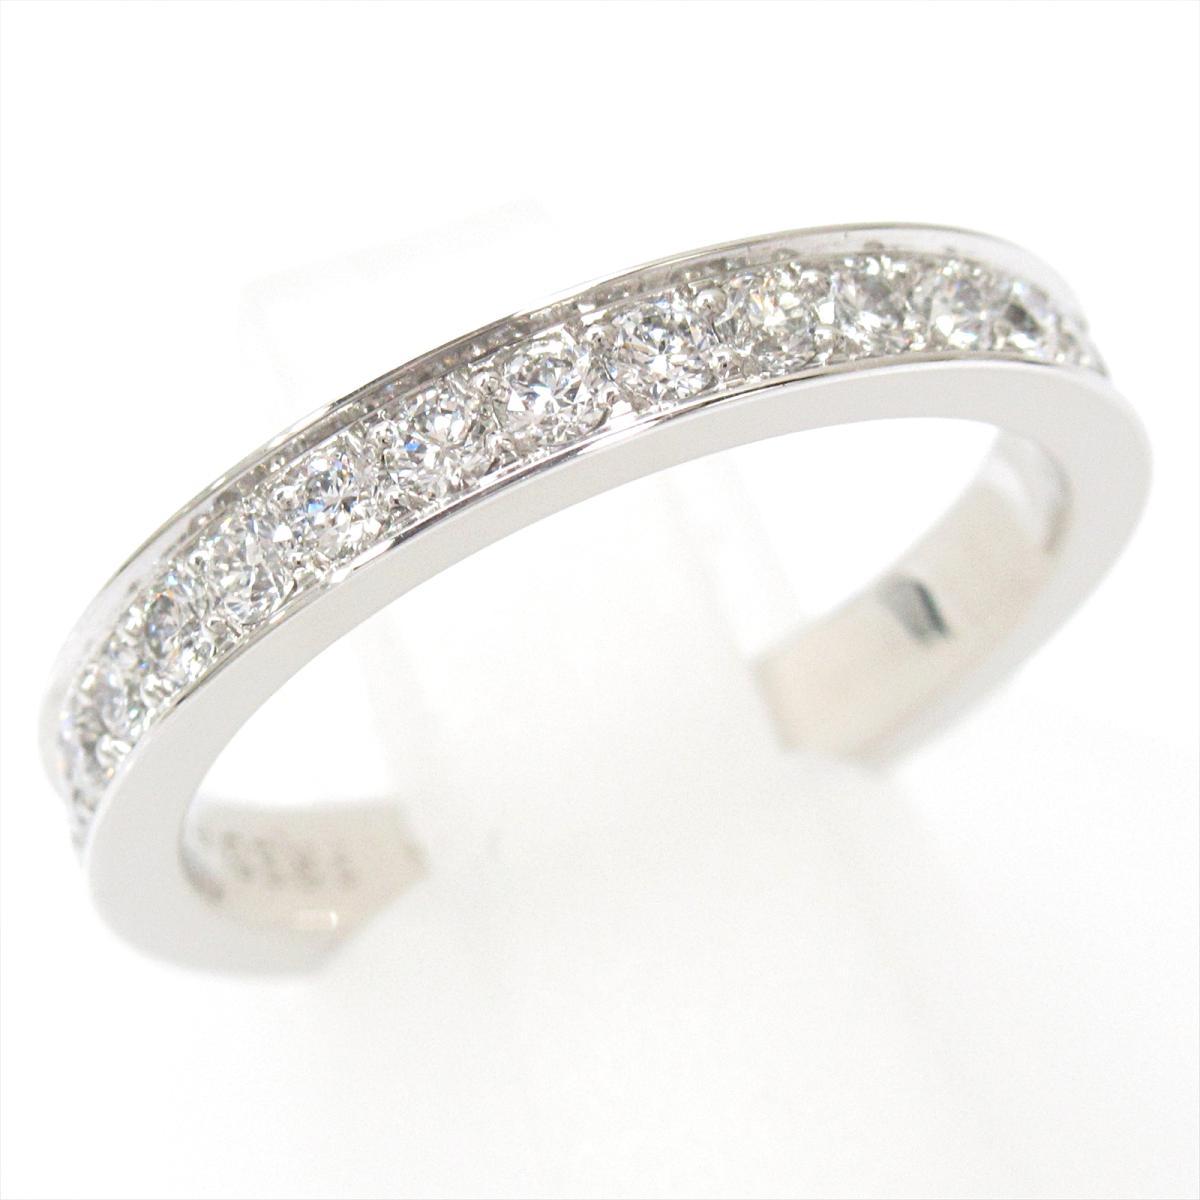 【中古】 フレッド ダイヤモンドリング 指輪 レディース PT950 プラチナ x ダイヤモンド (石目なし)   FRED BRANDOFF ブランドオフ ブランド ジュエリー アクセサリー リング